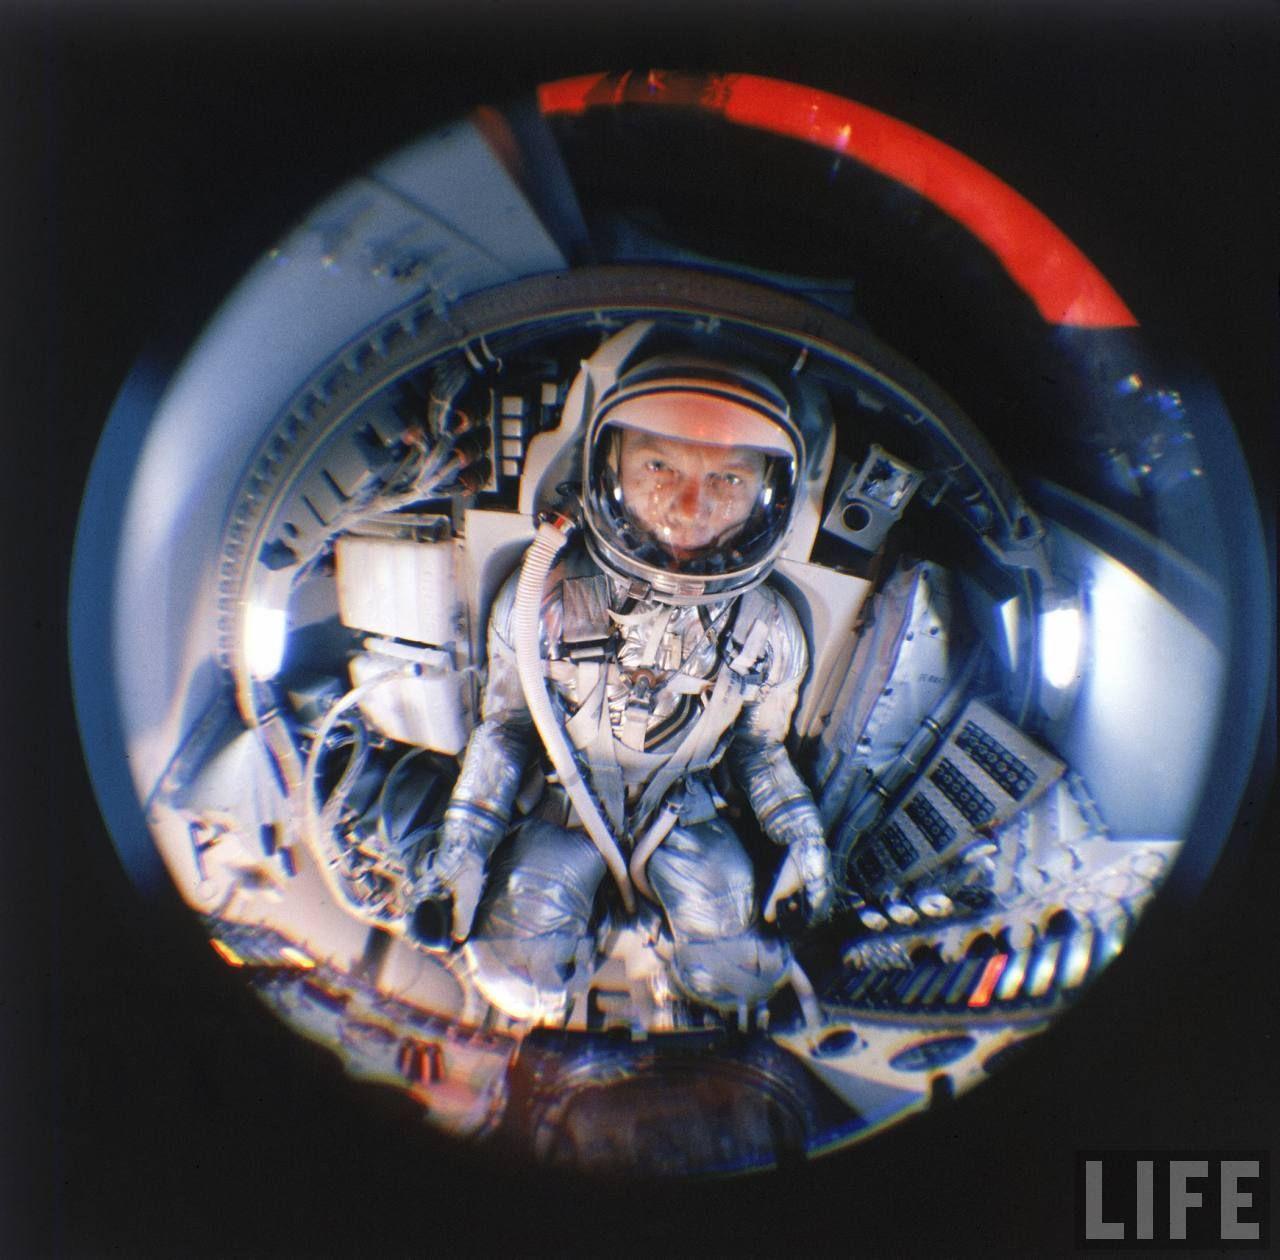 Astronauts Bright Apollo 11 Buzz Aldrin Descends To Moon 16x20 Silver Halide Photo Print Historical Memorabilia